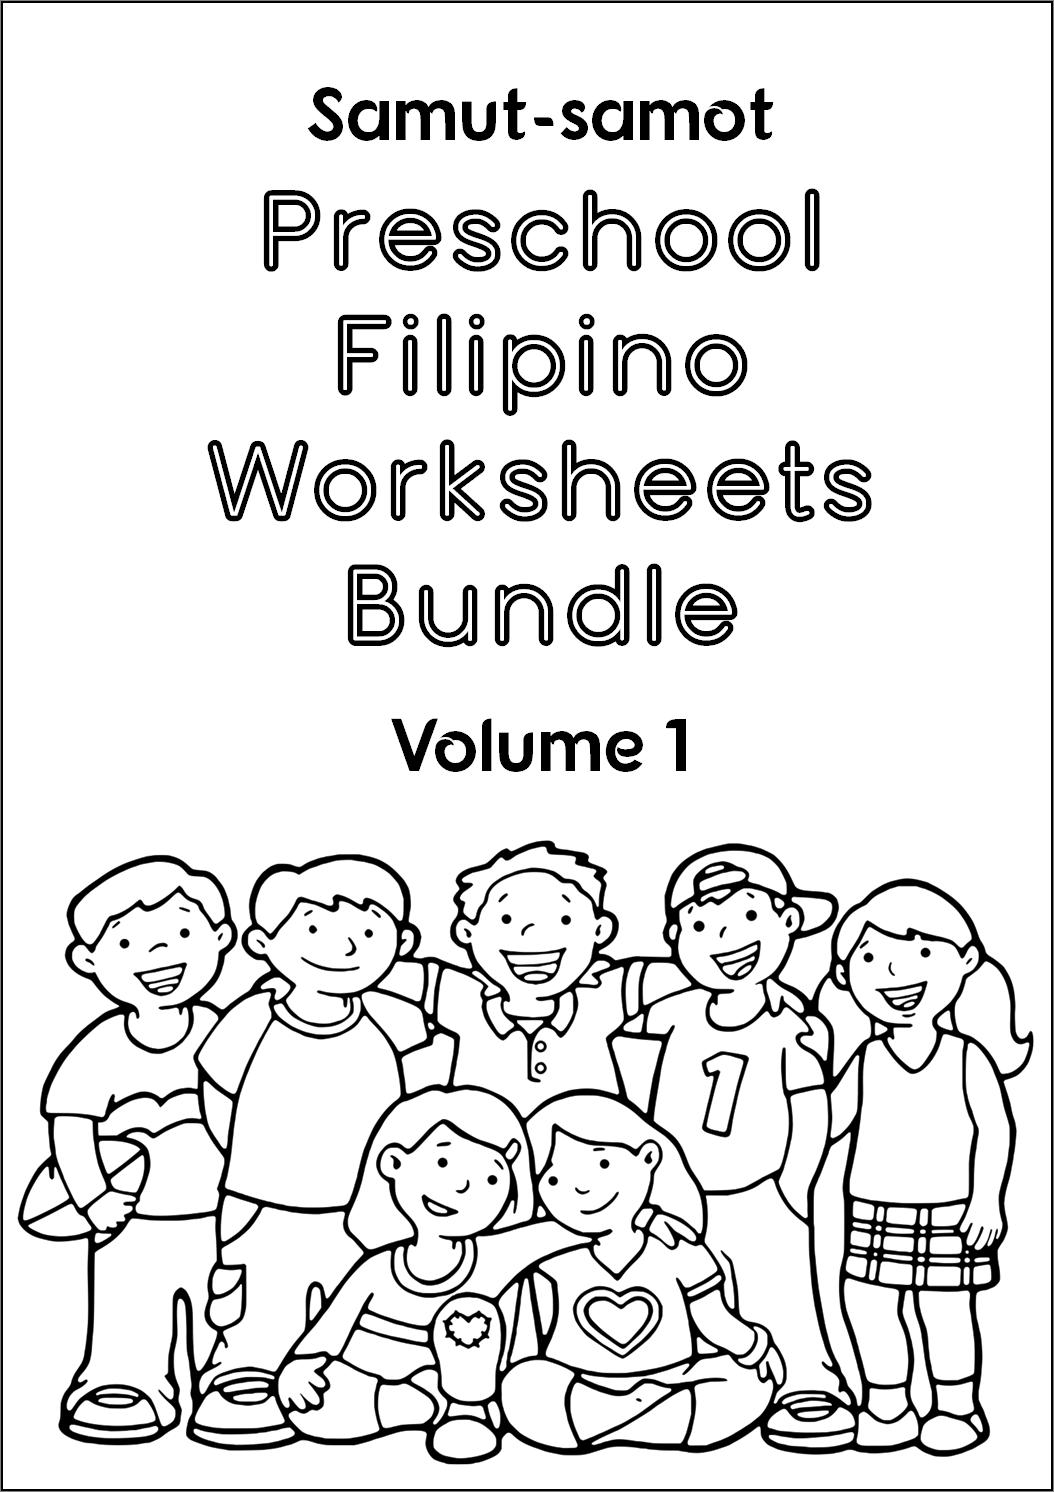 worksheet for grade 1 filipino aspekto ng pandiwa worksheet for grade 4 pngline filipino 1 for grade worksheet